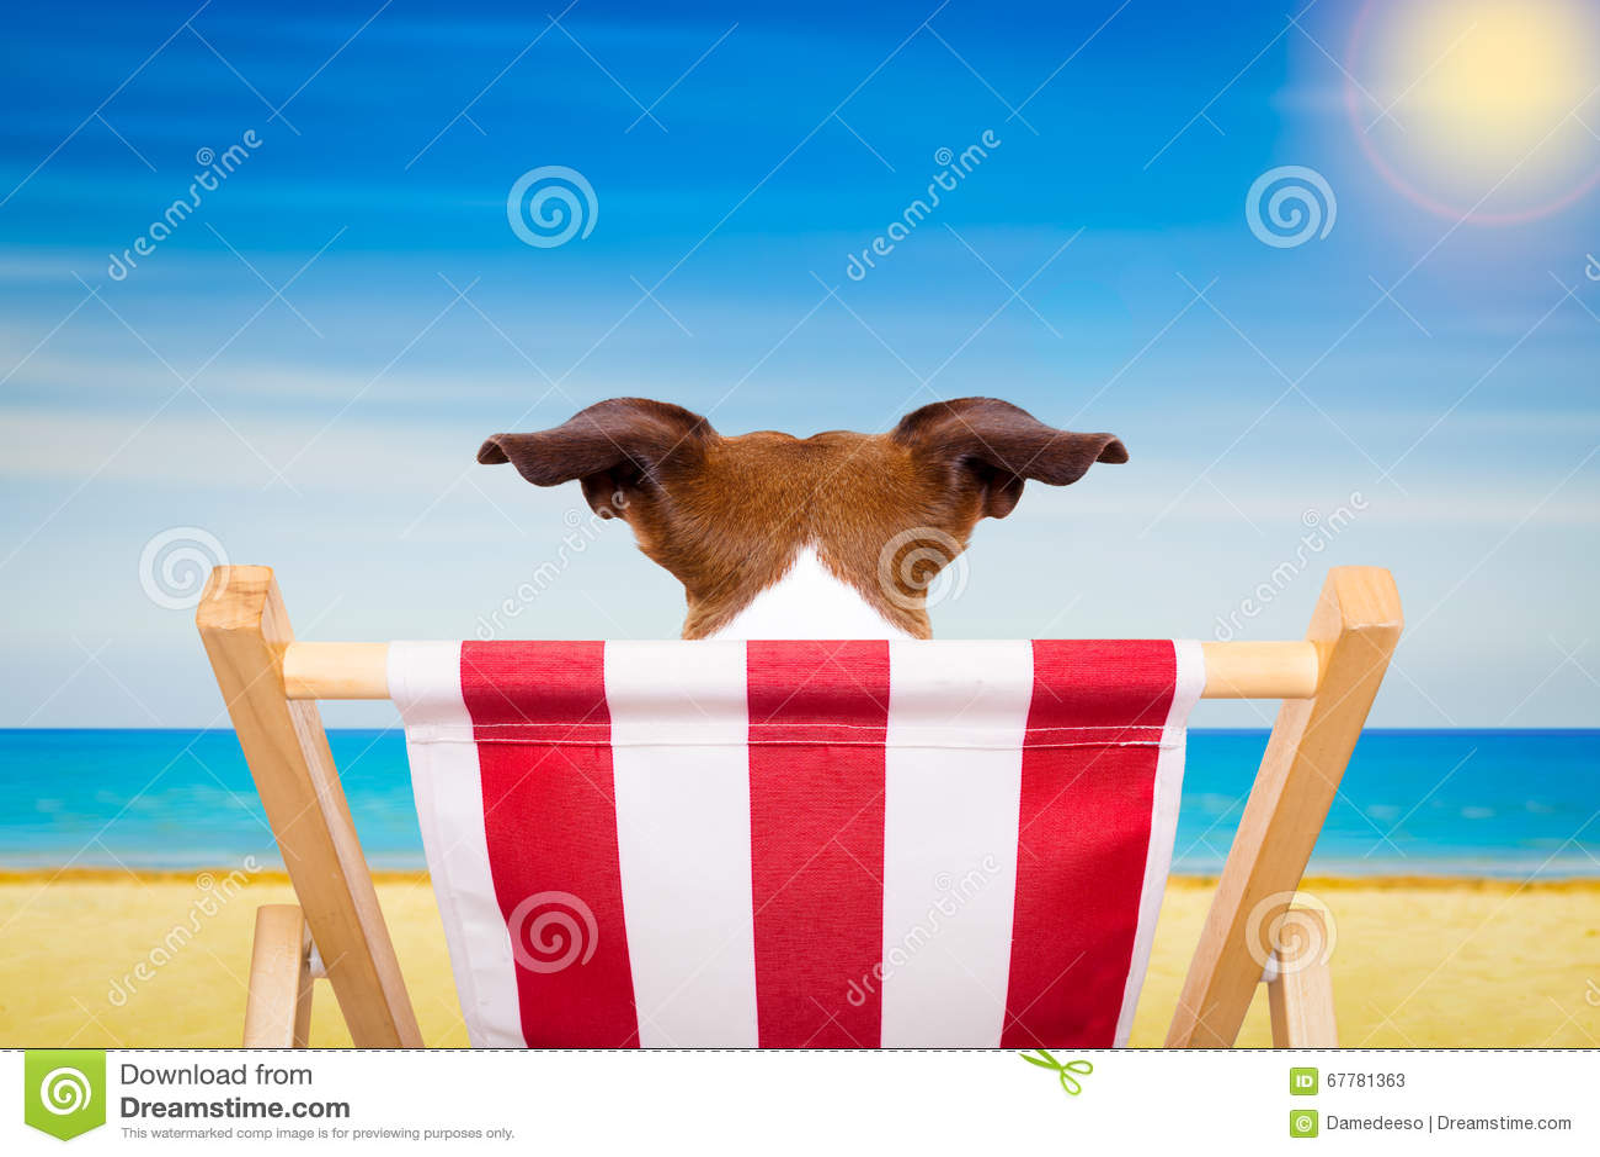 Dog In Beach Chair